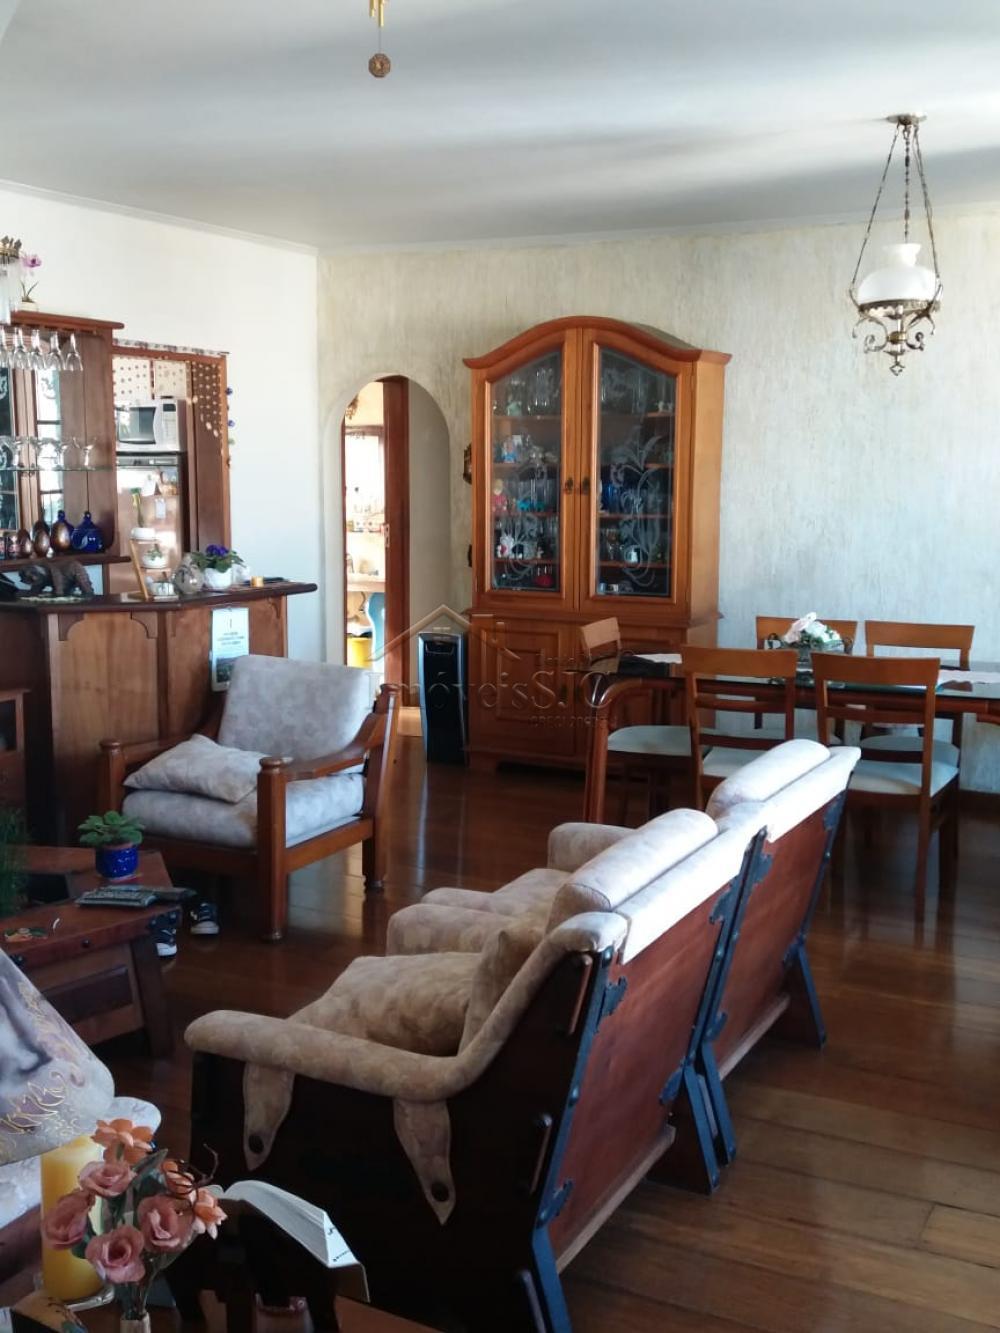 Comprar Apartamentos / Padrão em São José dos Campos apenas R$ 460.000,00 - Foto 2